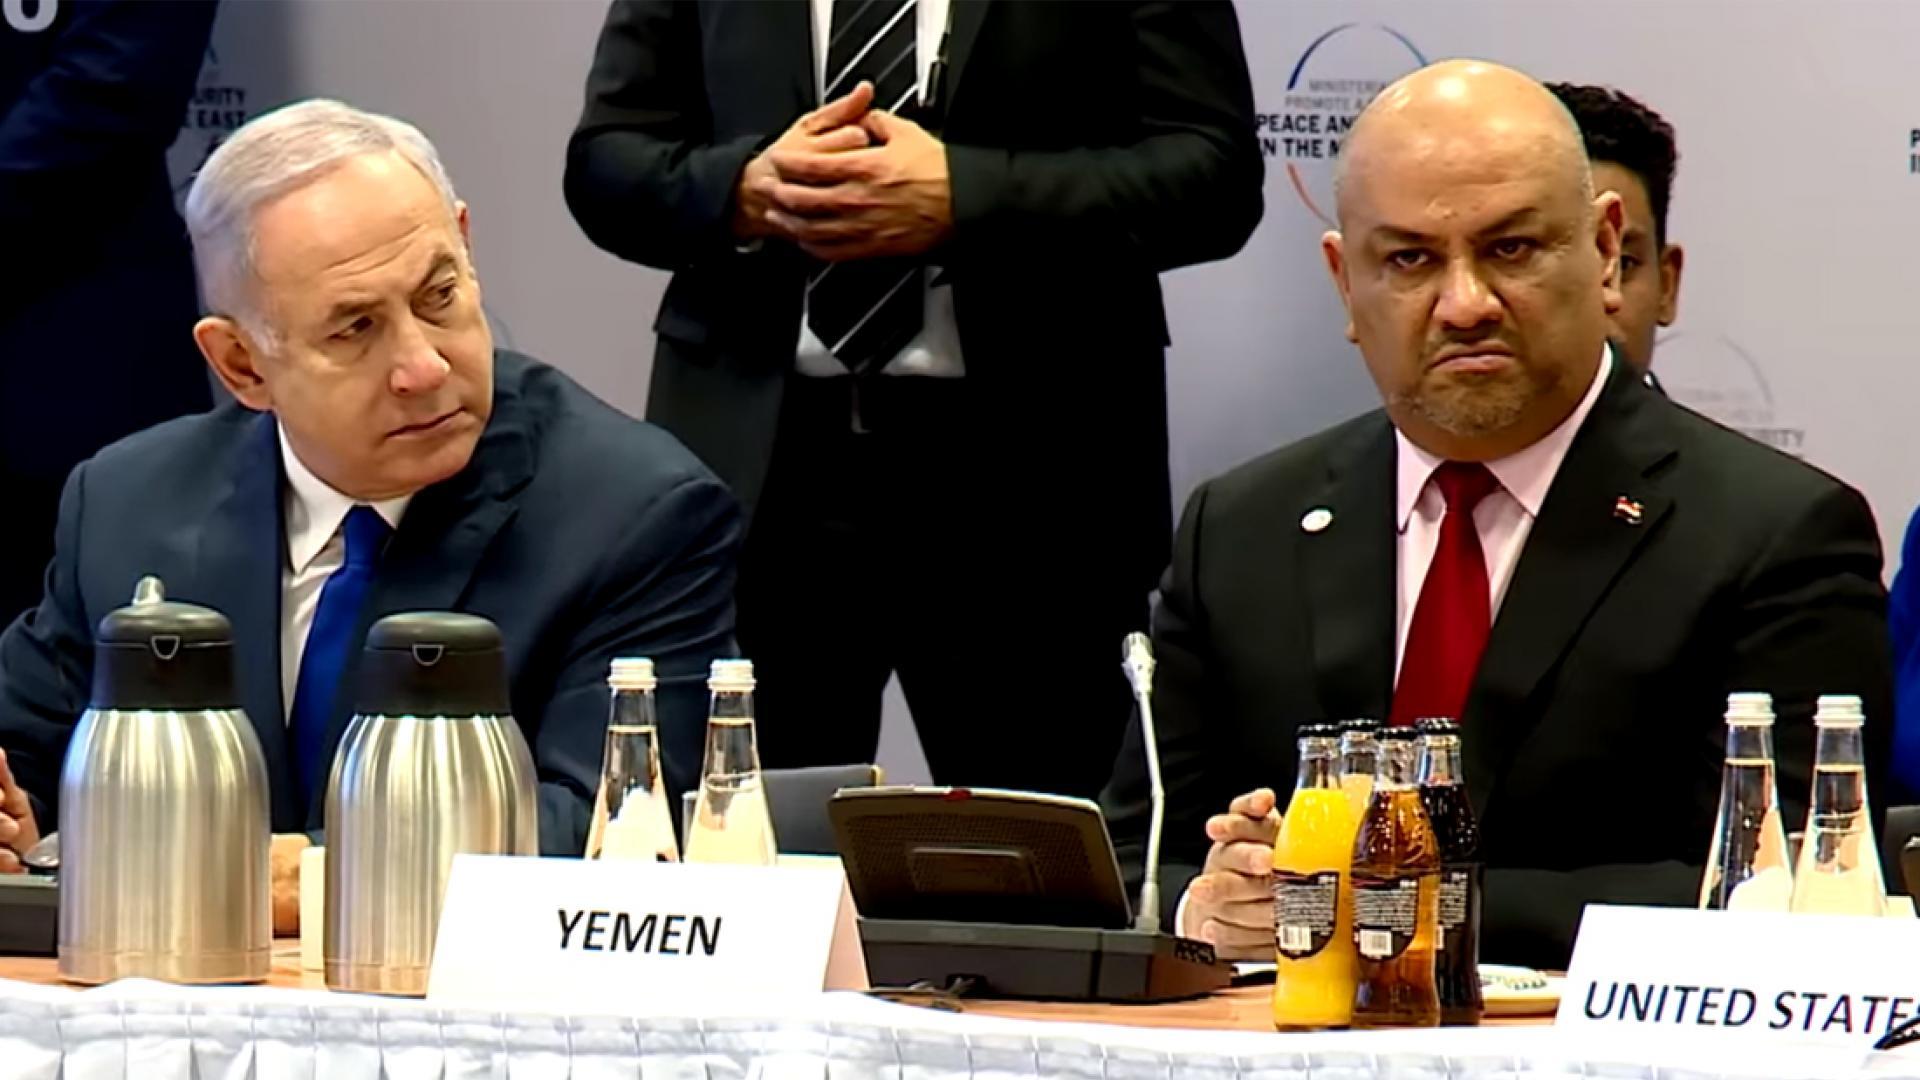 عبدالملك الحوثي يوجه انتقادات لاذعة بعد ظهور وزير خارجية اليمن بجانب نتنياهو في وارسو